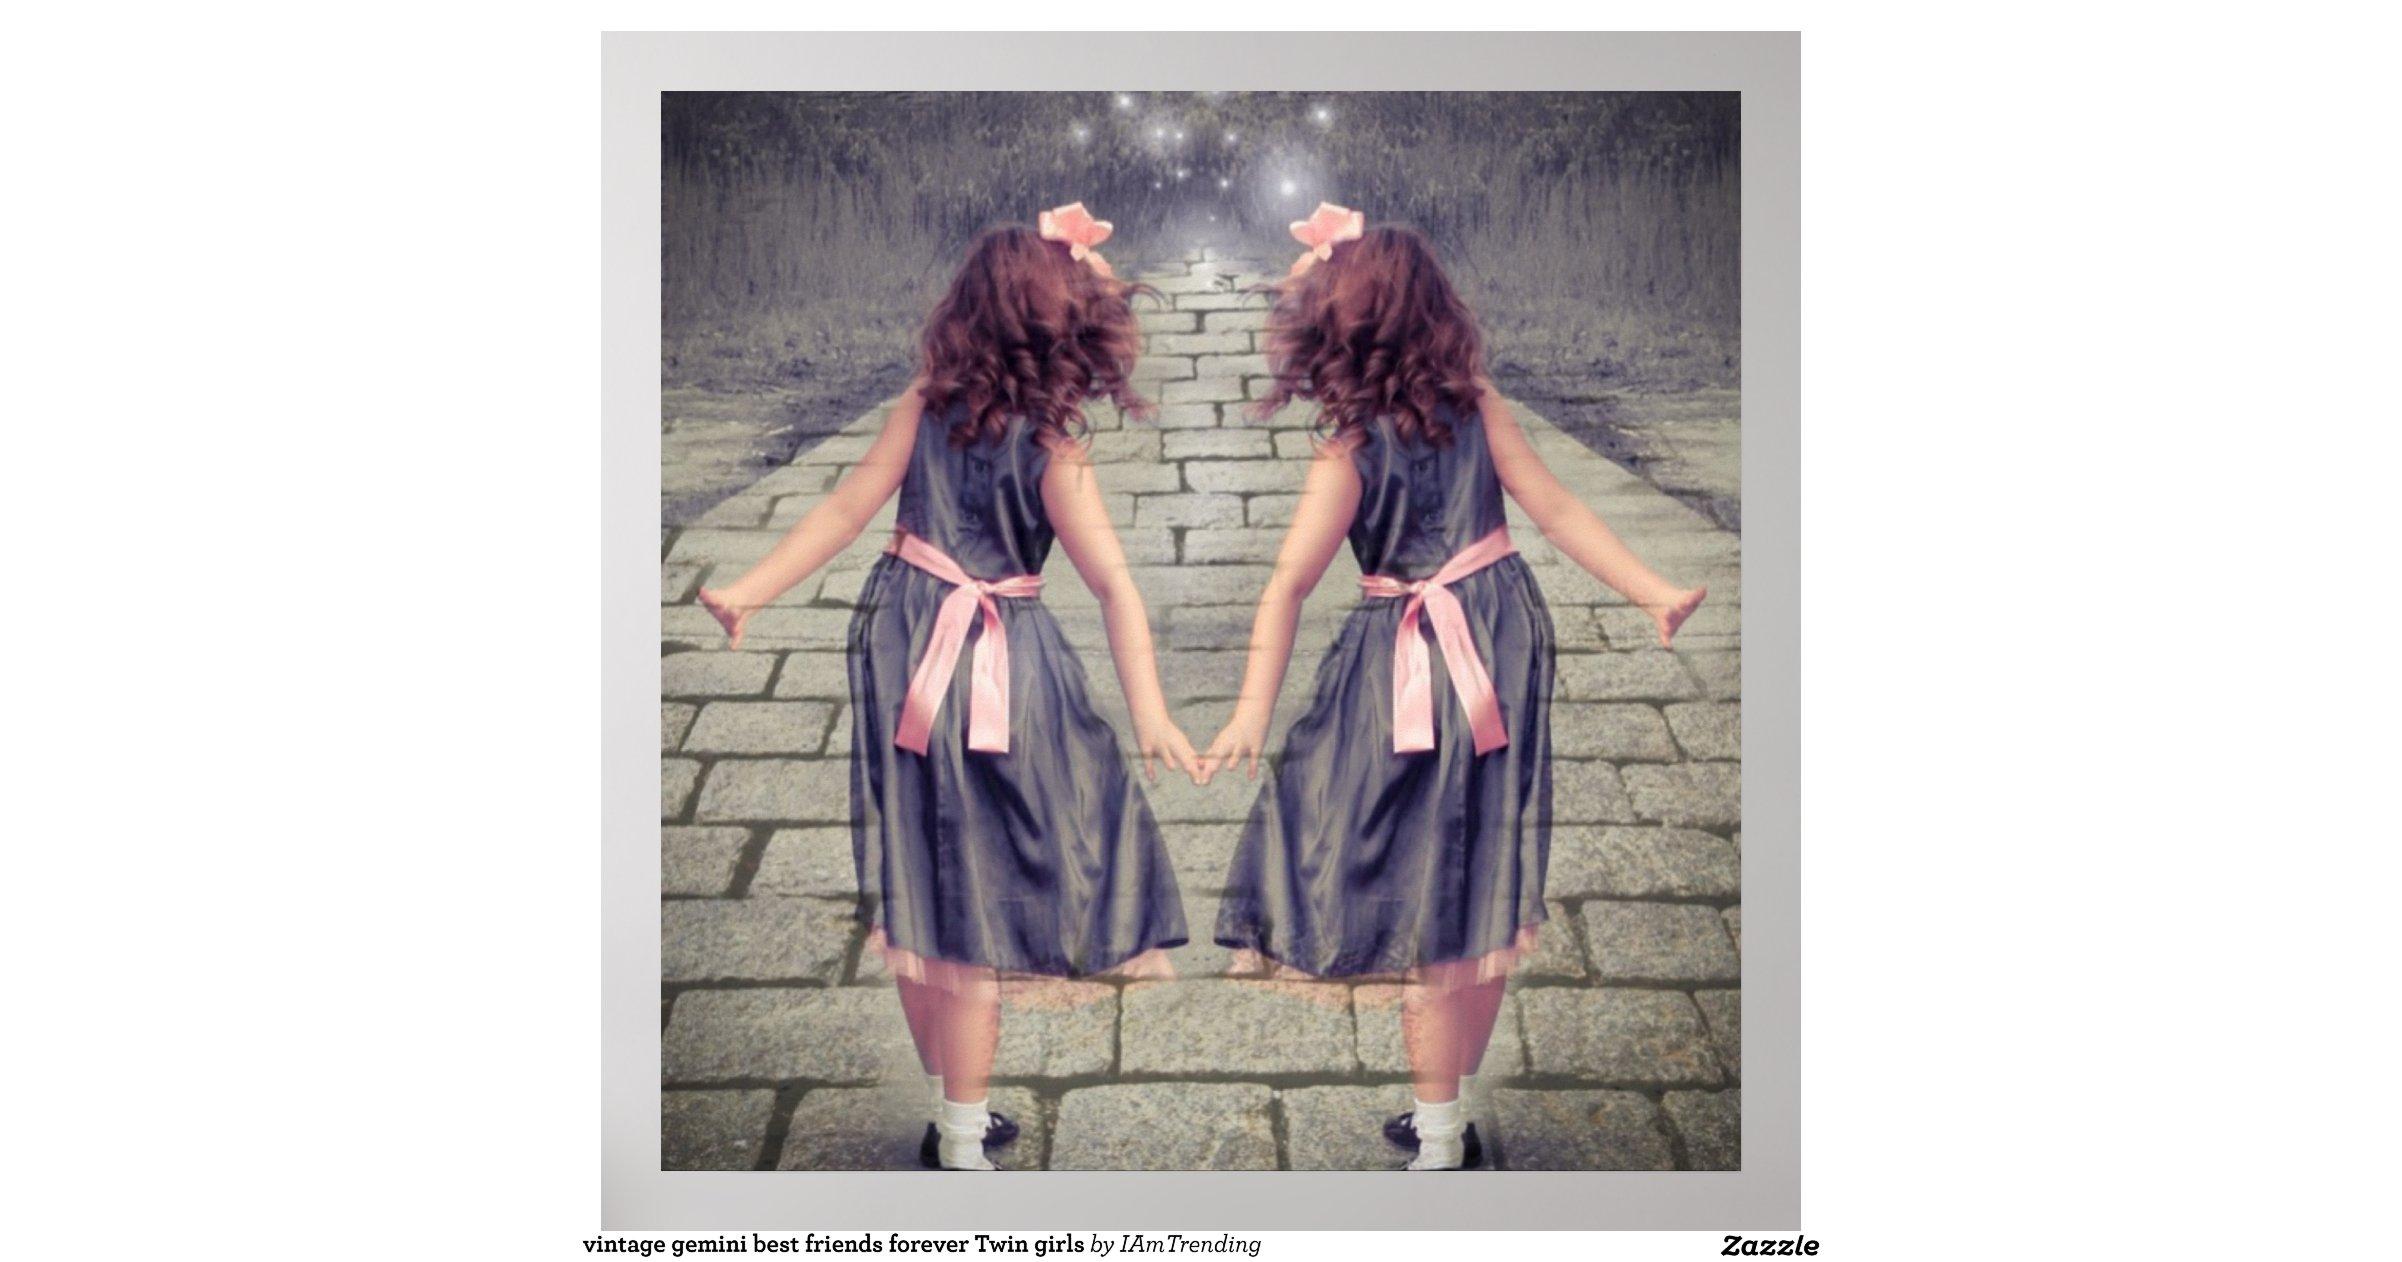 Vintage Alice In Wonderland Girls Fairy Garden Poster Rbe1771c7c55547d09d1e1e606f5b28e8 W2q